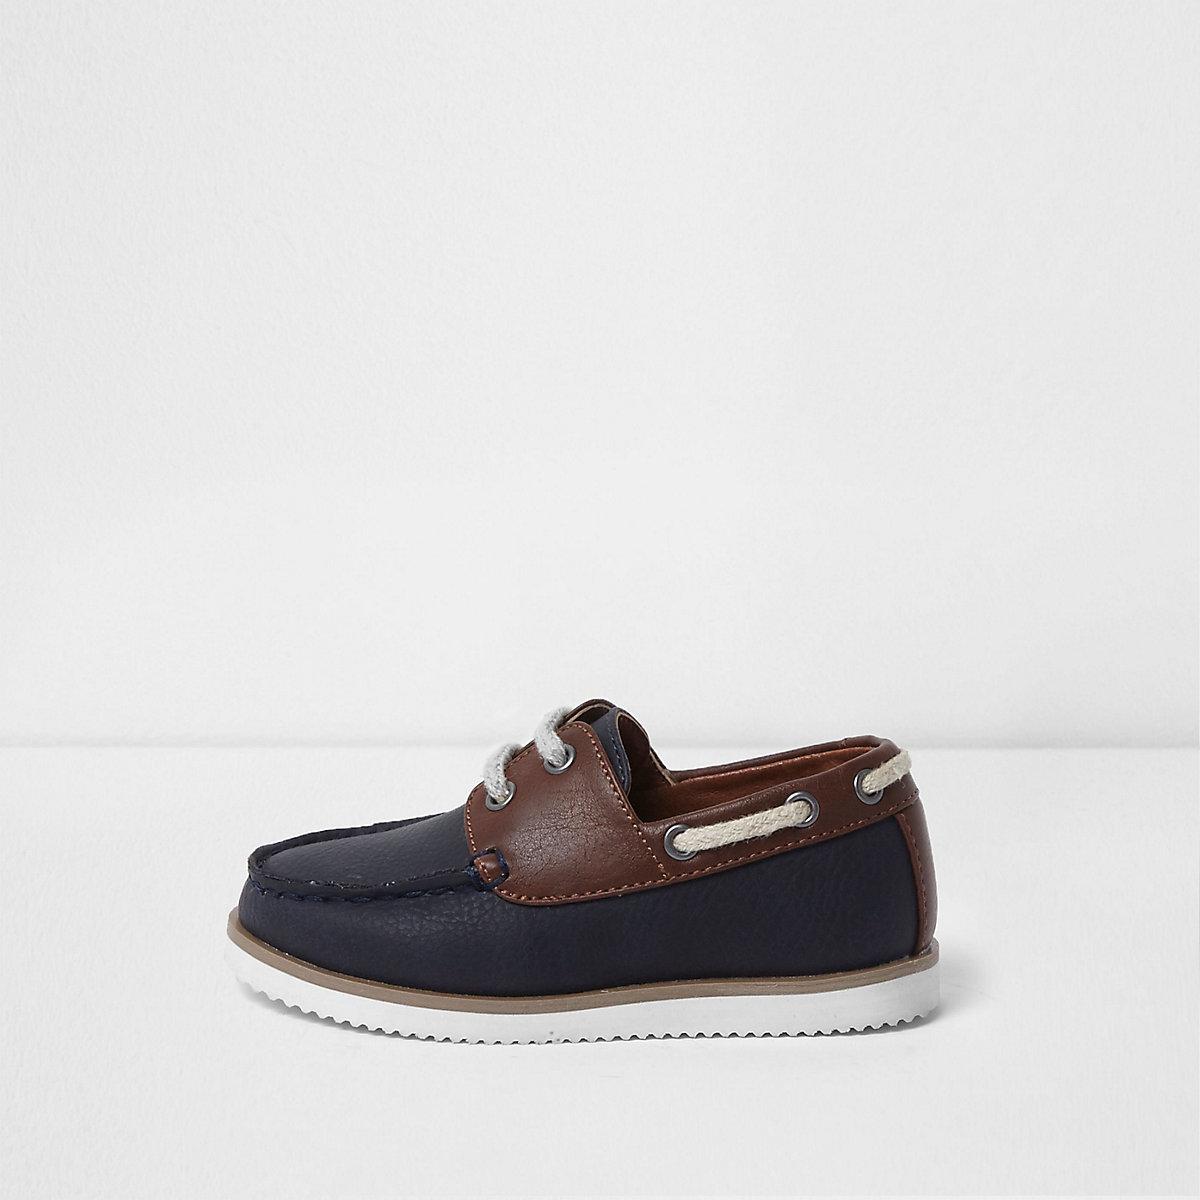 4ac5518ba220 Chaussures bateau bleu marine à lacets mini garçon - Chaussures pour ...